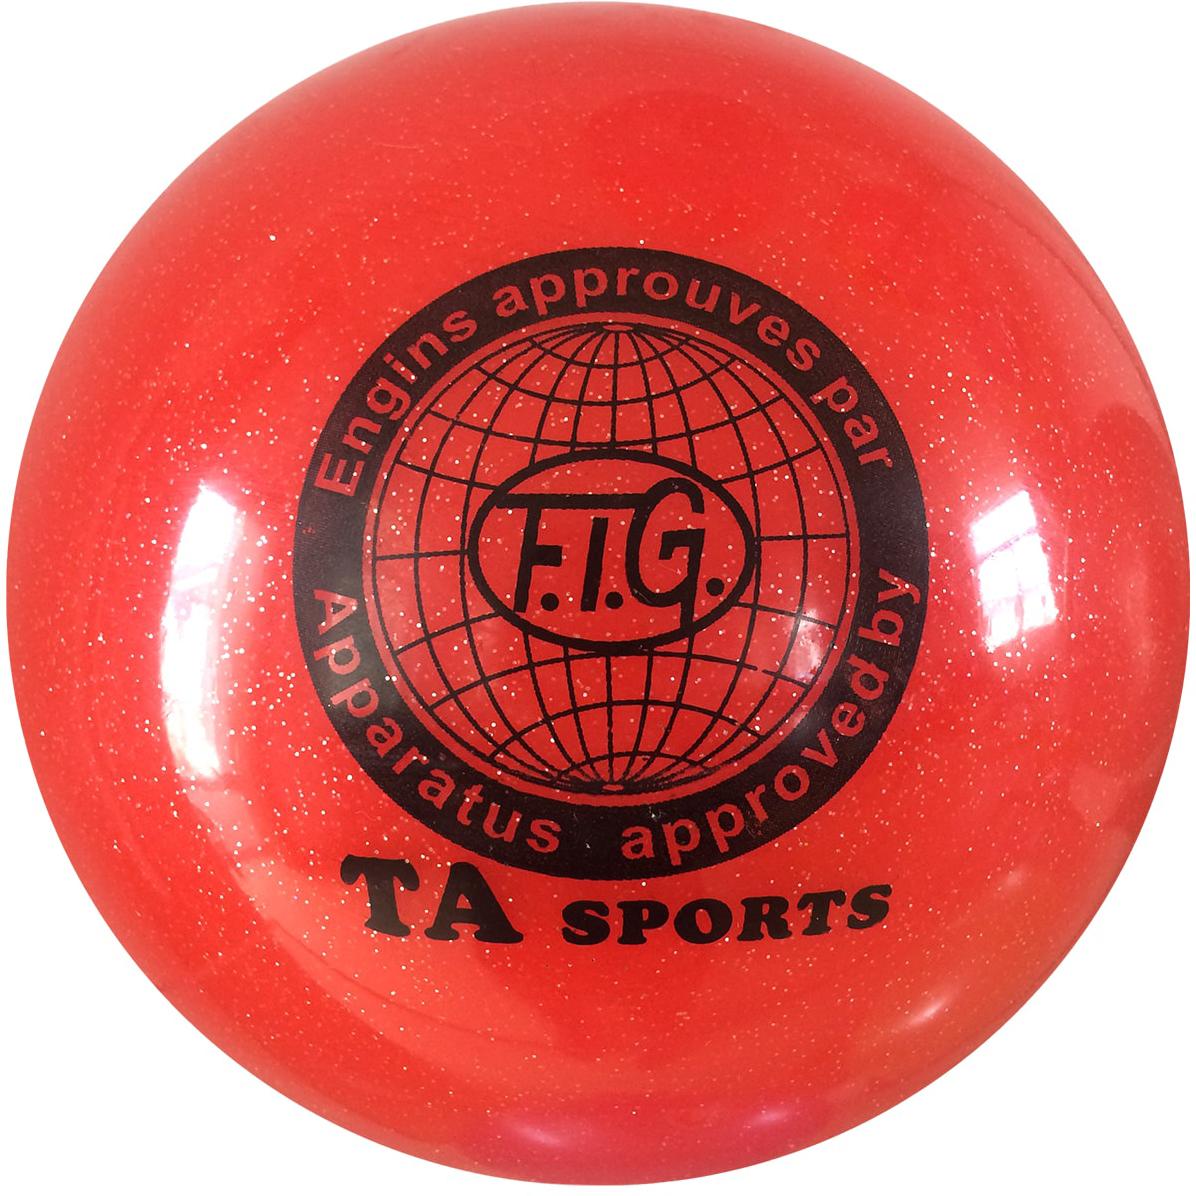 Мяч для художественной гимнастики TA-Sport RGB-102, с блестками, цвет: красный, диаметр 19 смУТ-00010337Практичный и надежный мяч для художественной гимнастики от TA-Sport выполнен из прочного ПВХ яркого цвета с блестками. Мяч диаметром 19 см предназначен для спортсменок-юниоров и взрослых гимнасток. Как правило, цвет мяча подбирается под образ и костюм гимнастки.Хранить мяч нужно в чехле, чтобы на нем не появились царапины. Мячи с разноцветным покрытием или с блестками имеют тонкий слой красочного покрытия, требующий бережного отношения. В зимнее время следует использовать утепленный чехол, чтобы мяч не сдувался от перепада температуры. Желательно избегать попадания прямых солнечных лучей.